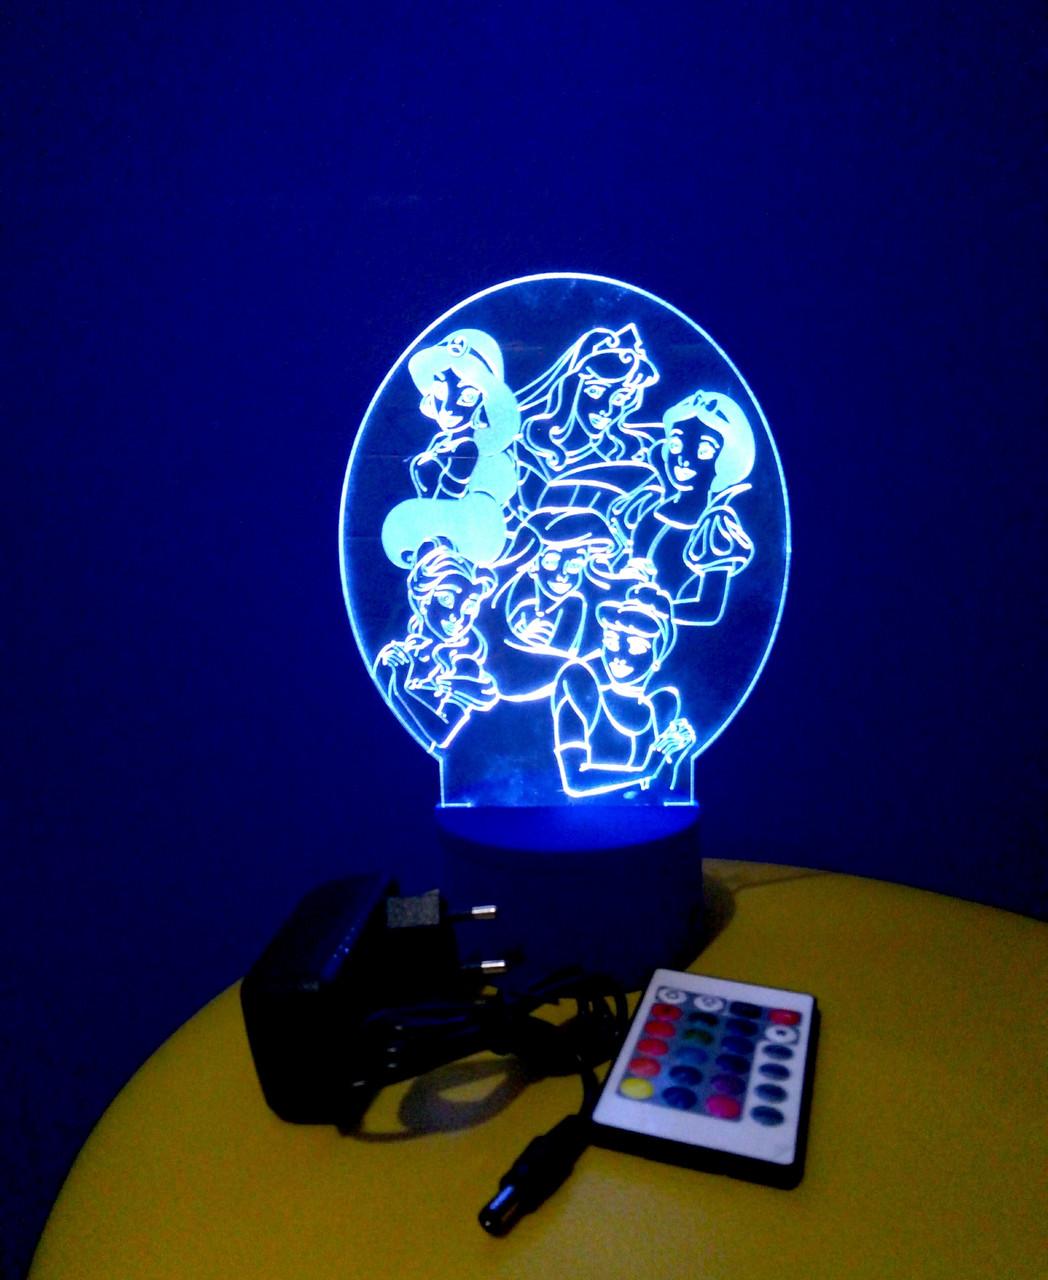 3d-світильник Принцеси Дісней, 3д-нічник, кілька підсвічувань (на пульті)